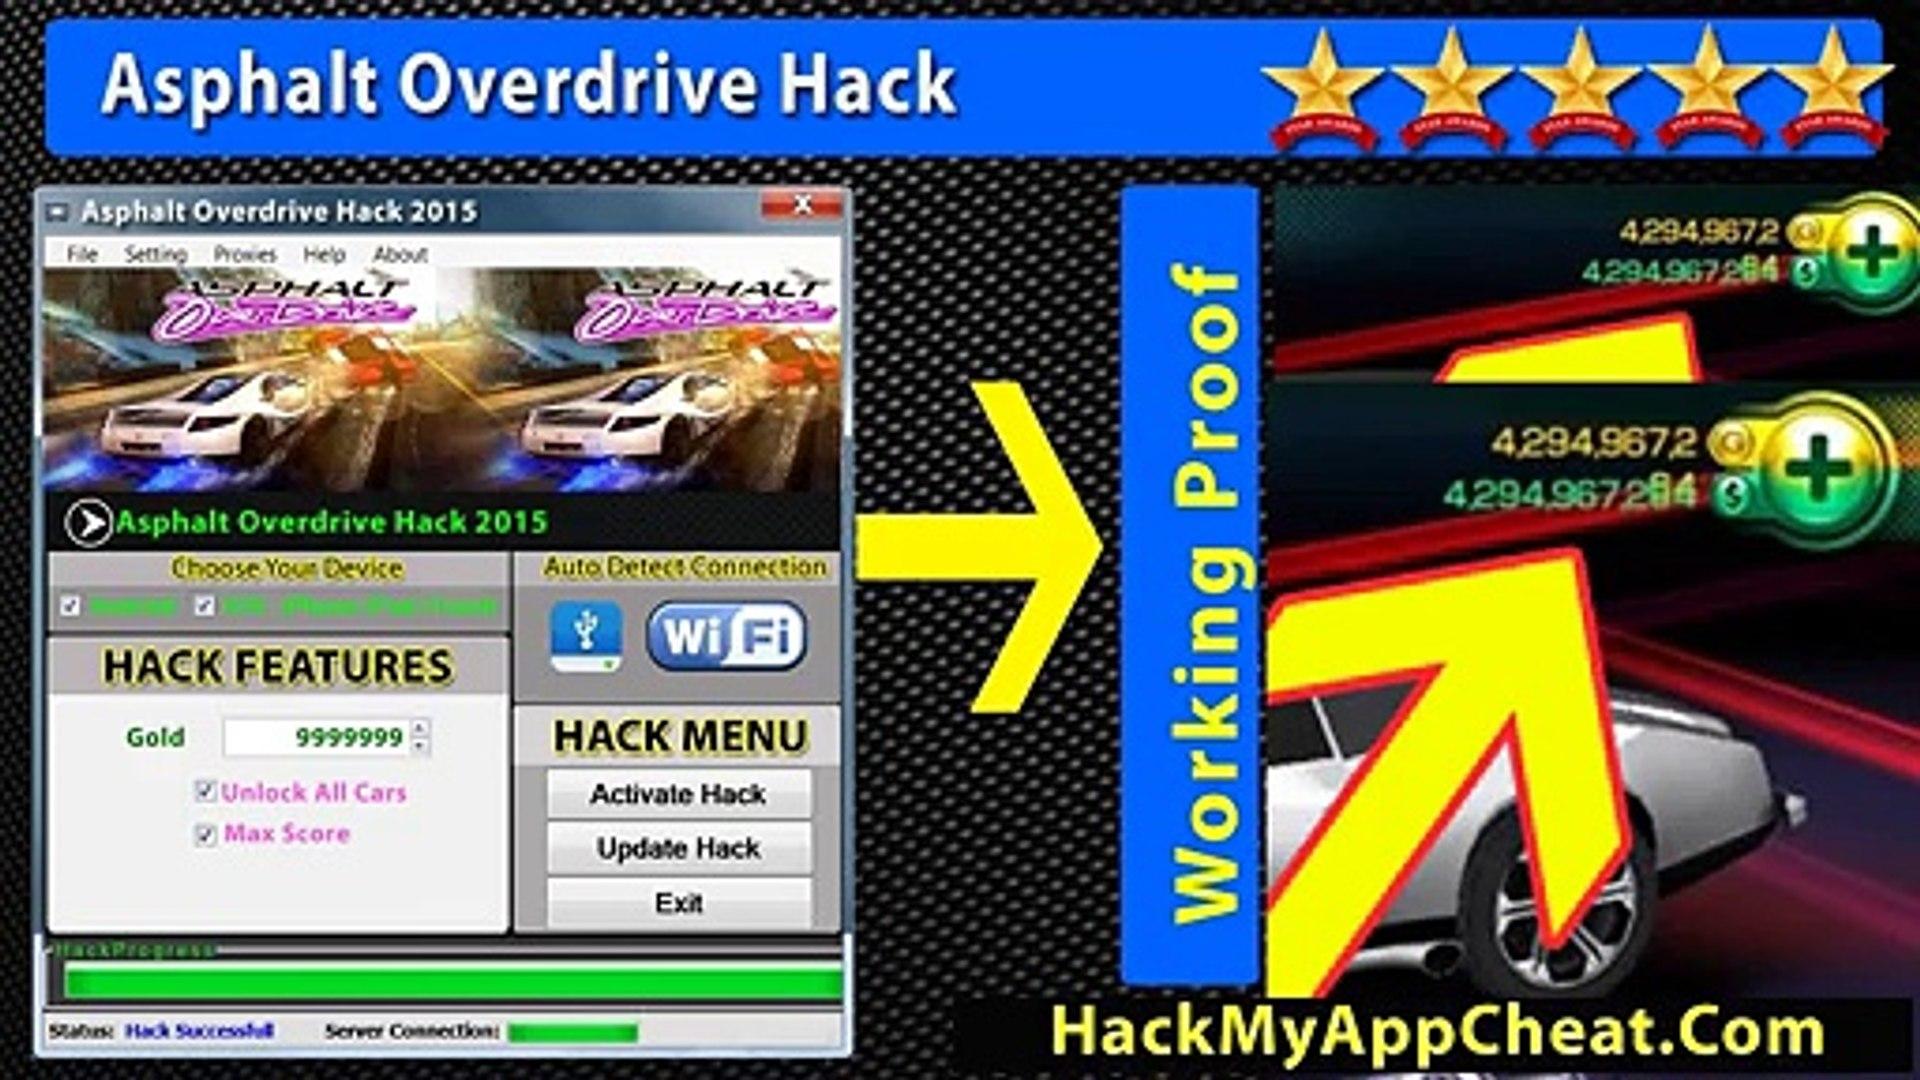 Asphalt Overdrive Cheat Score Gold and Unlock All Cars iPad Best Version  Asphalt Overdrive Triche Gratuit